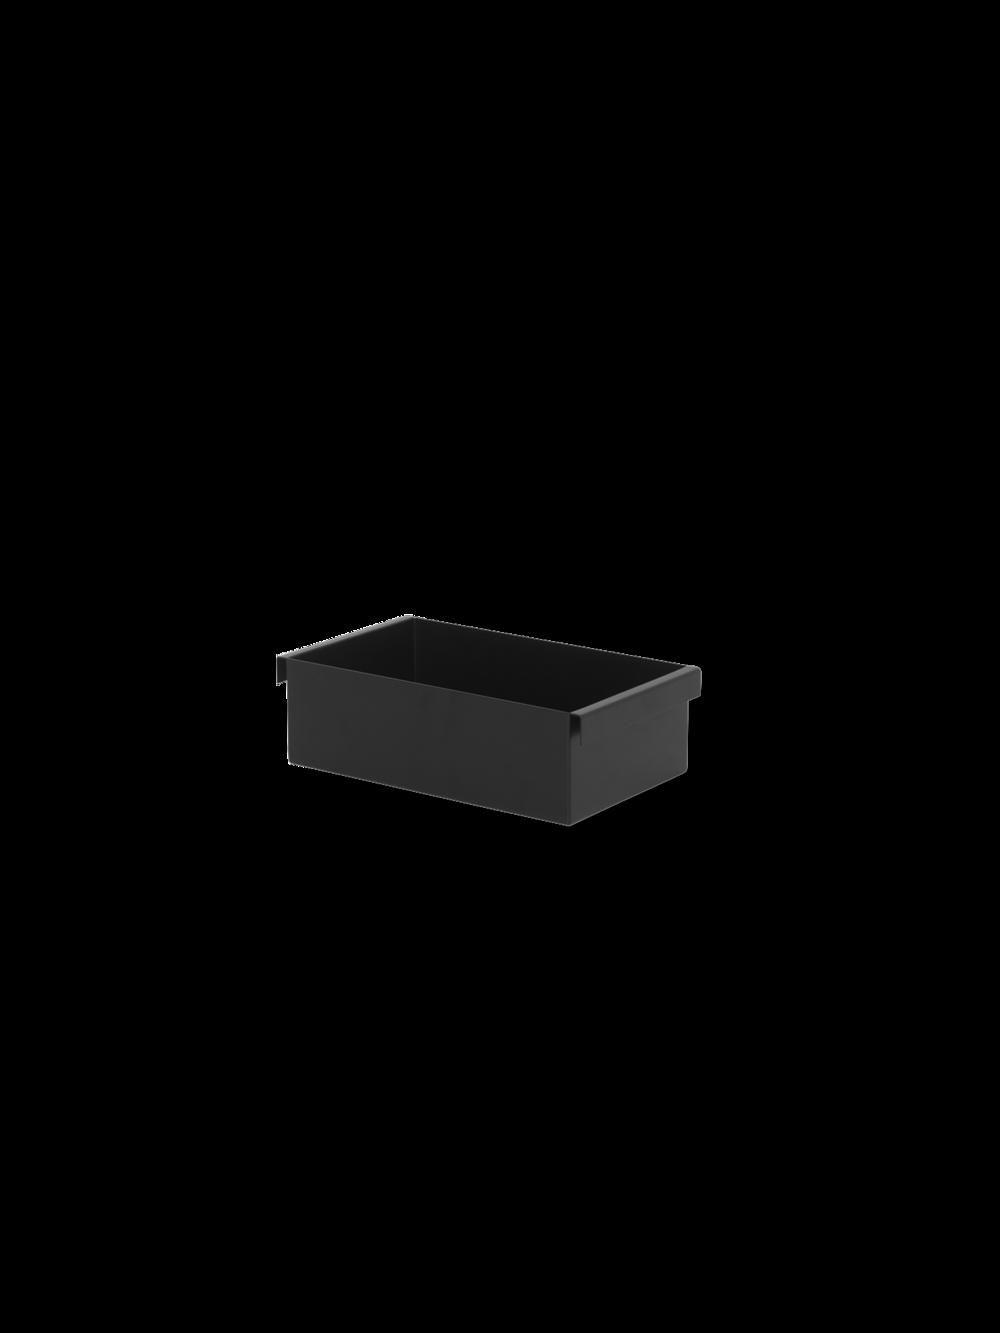 ferm living Plantbox Container schwarz